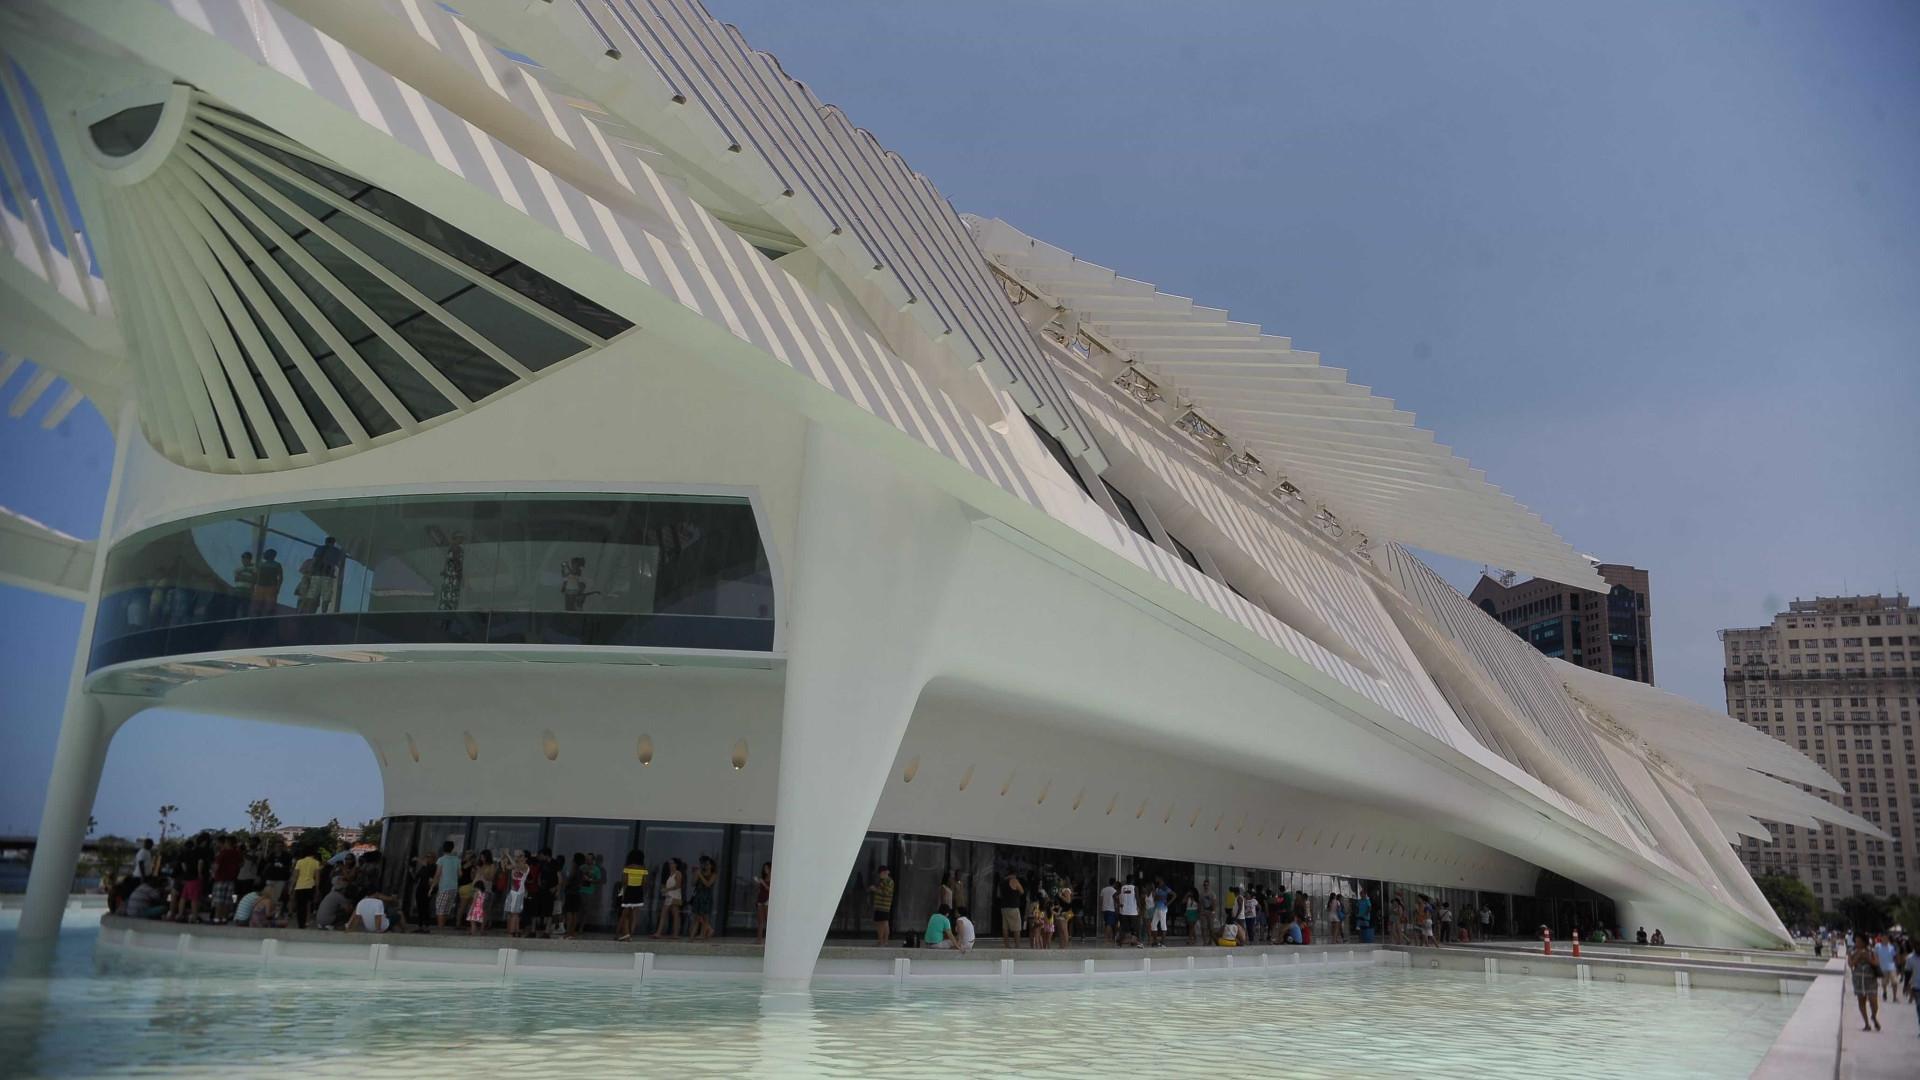 Museu do Amanhã reabre suas portas no Rio de Janeiro neste sábado